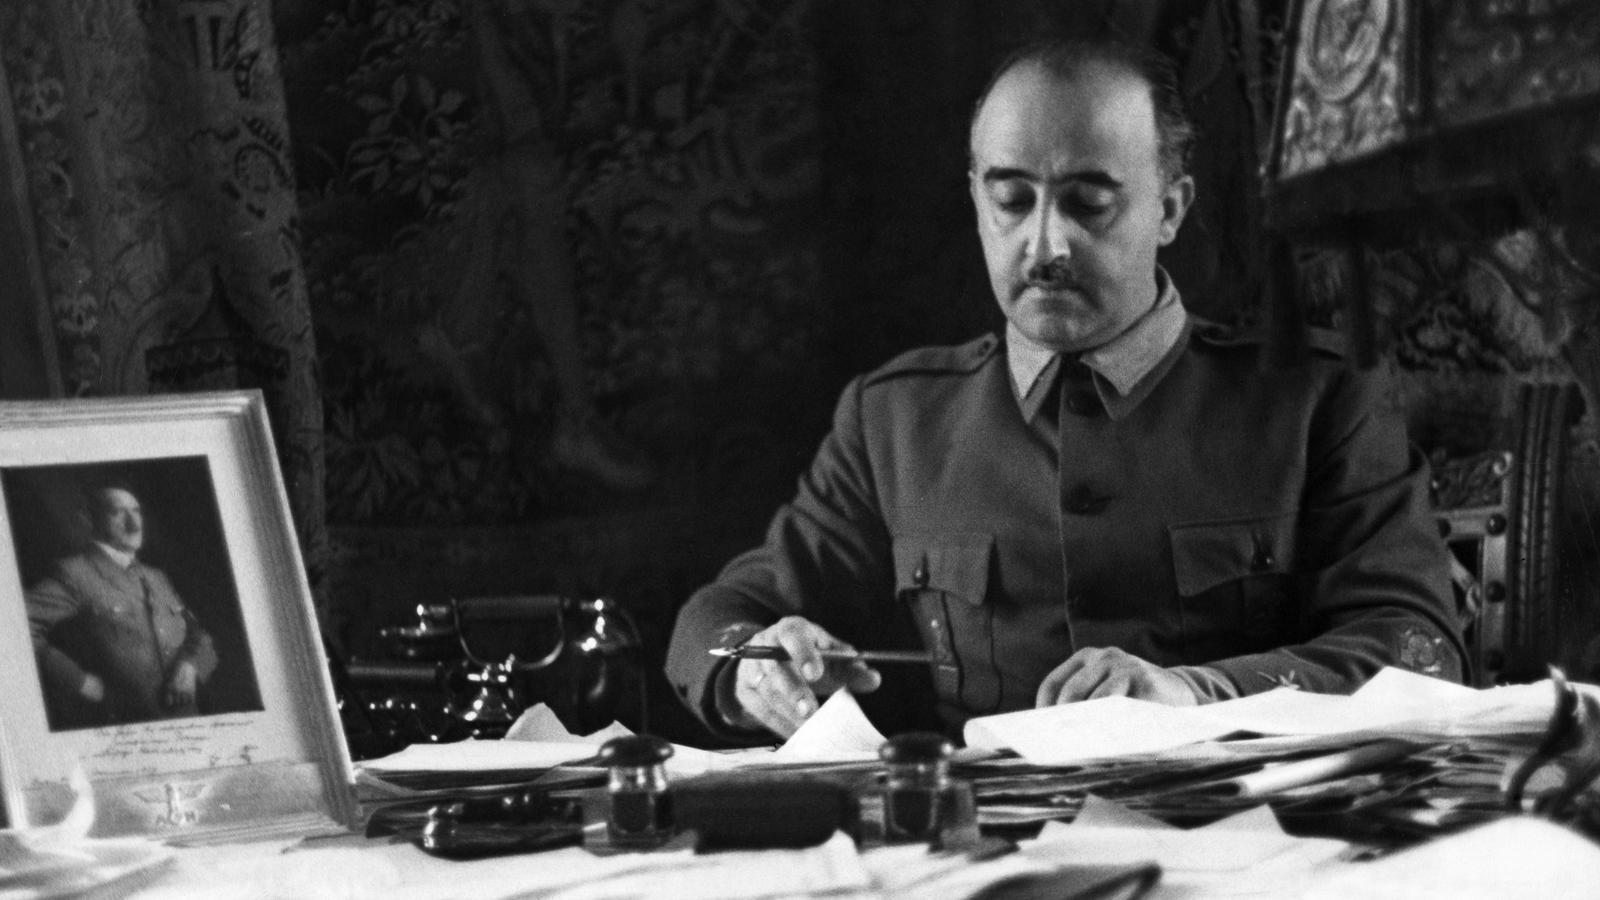 Franco va deixar una herència de 28,5 milions de pessetes a la seva dona i la seva filla